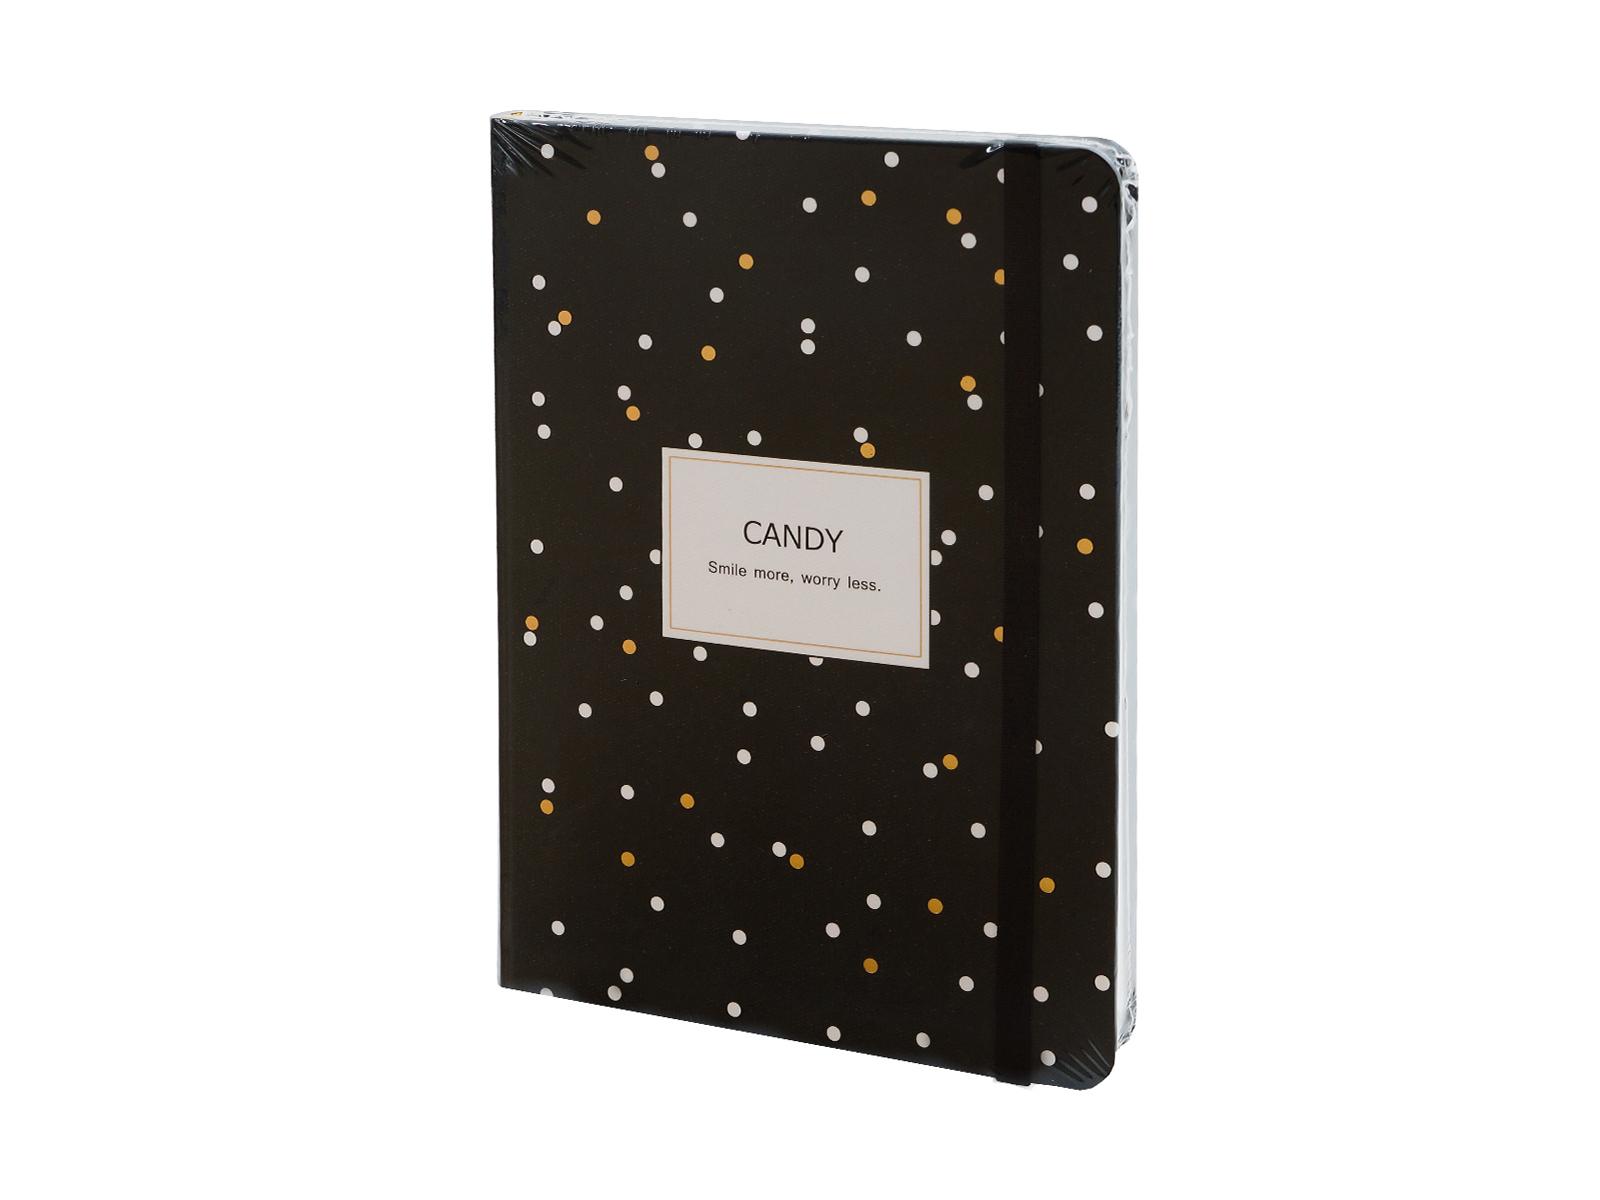 Тетрадь CandyКанцелярские товары<br>Дизайнерская тетрадь в твердой обложке, 192 стр.<br>